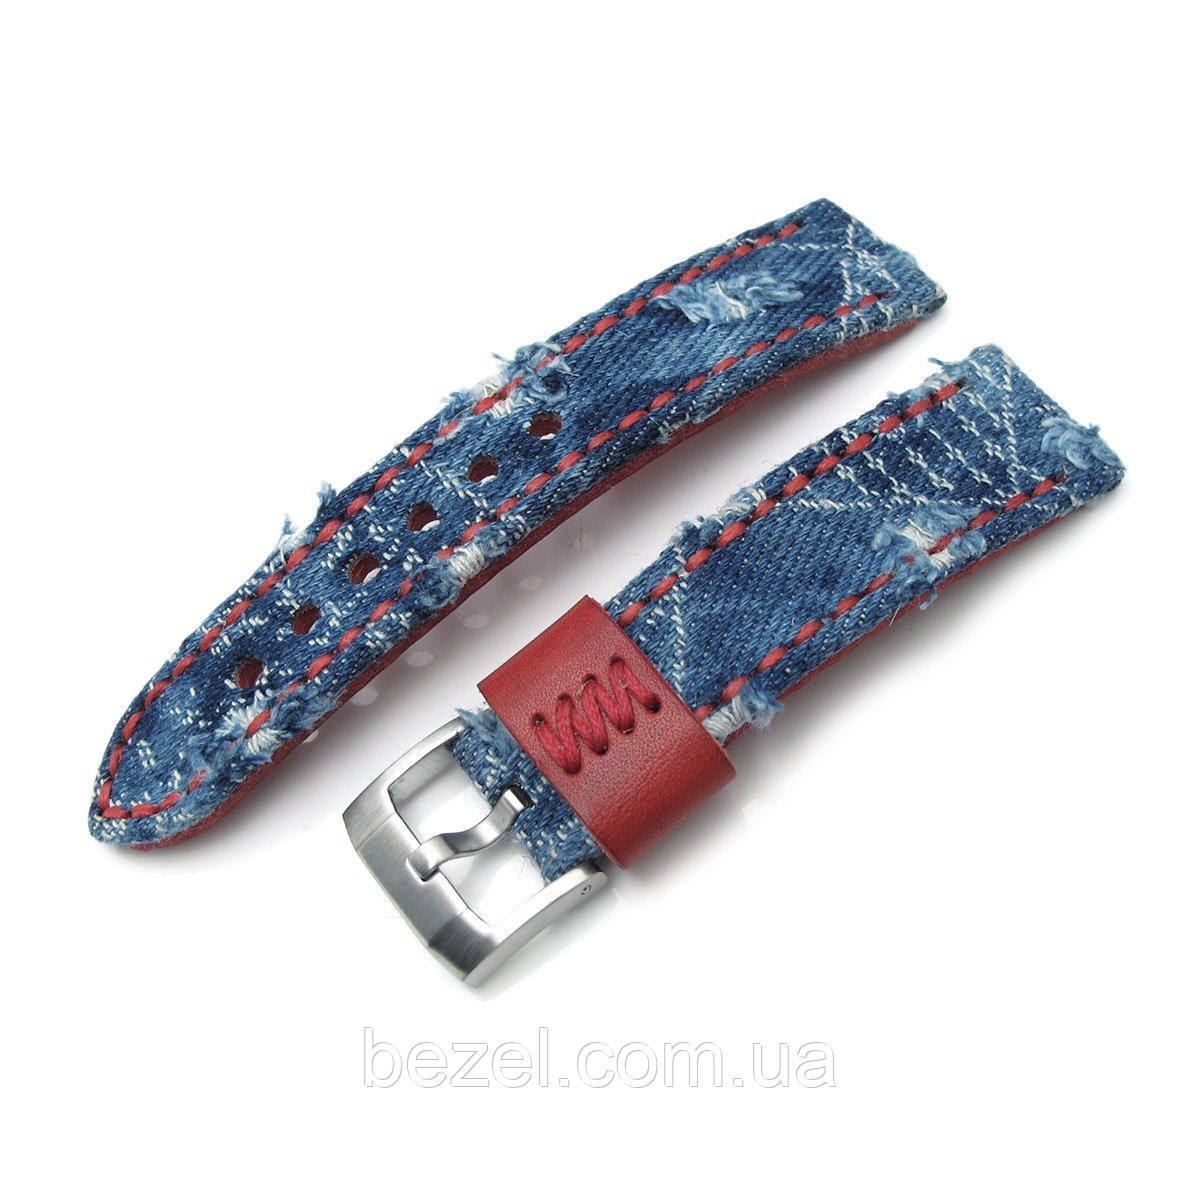 22mm MiLTAT Zizz Collection Distressed Denim Watch Strap Red Wax Hand Stitching